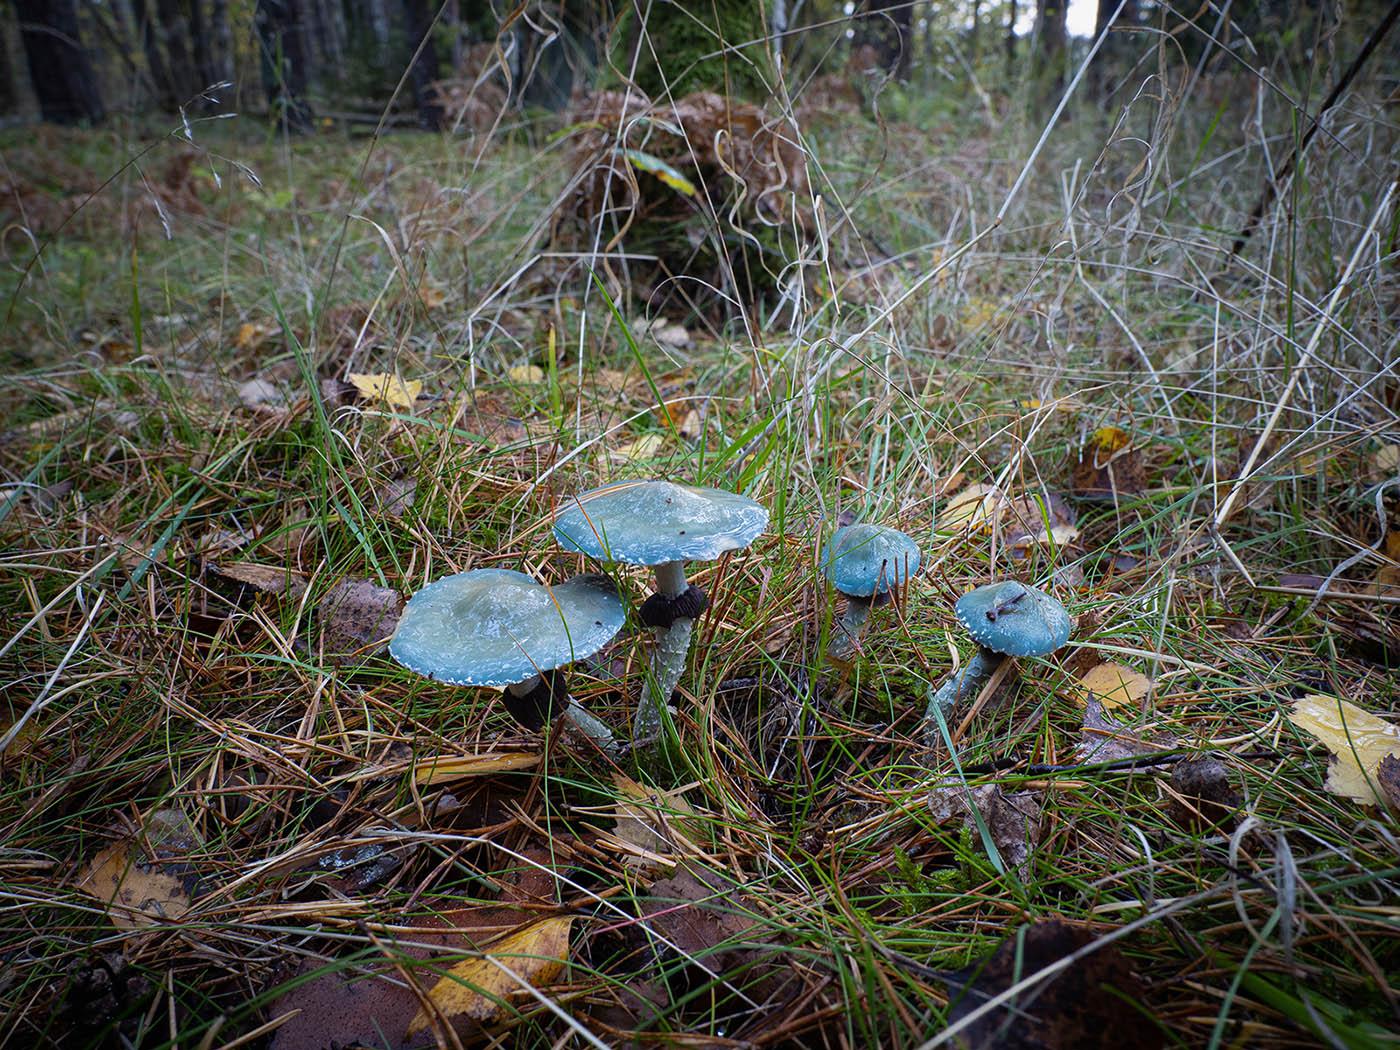 Строфария сине-зелёная (Stropharia aeruginosa) в еловом лесу, Стокгольм, октябрь 2020 года. Автор фото: Сутормина Марина